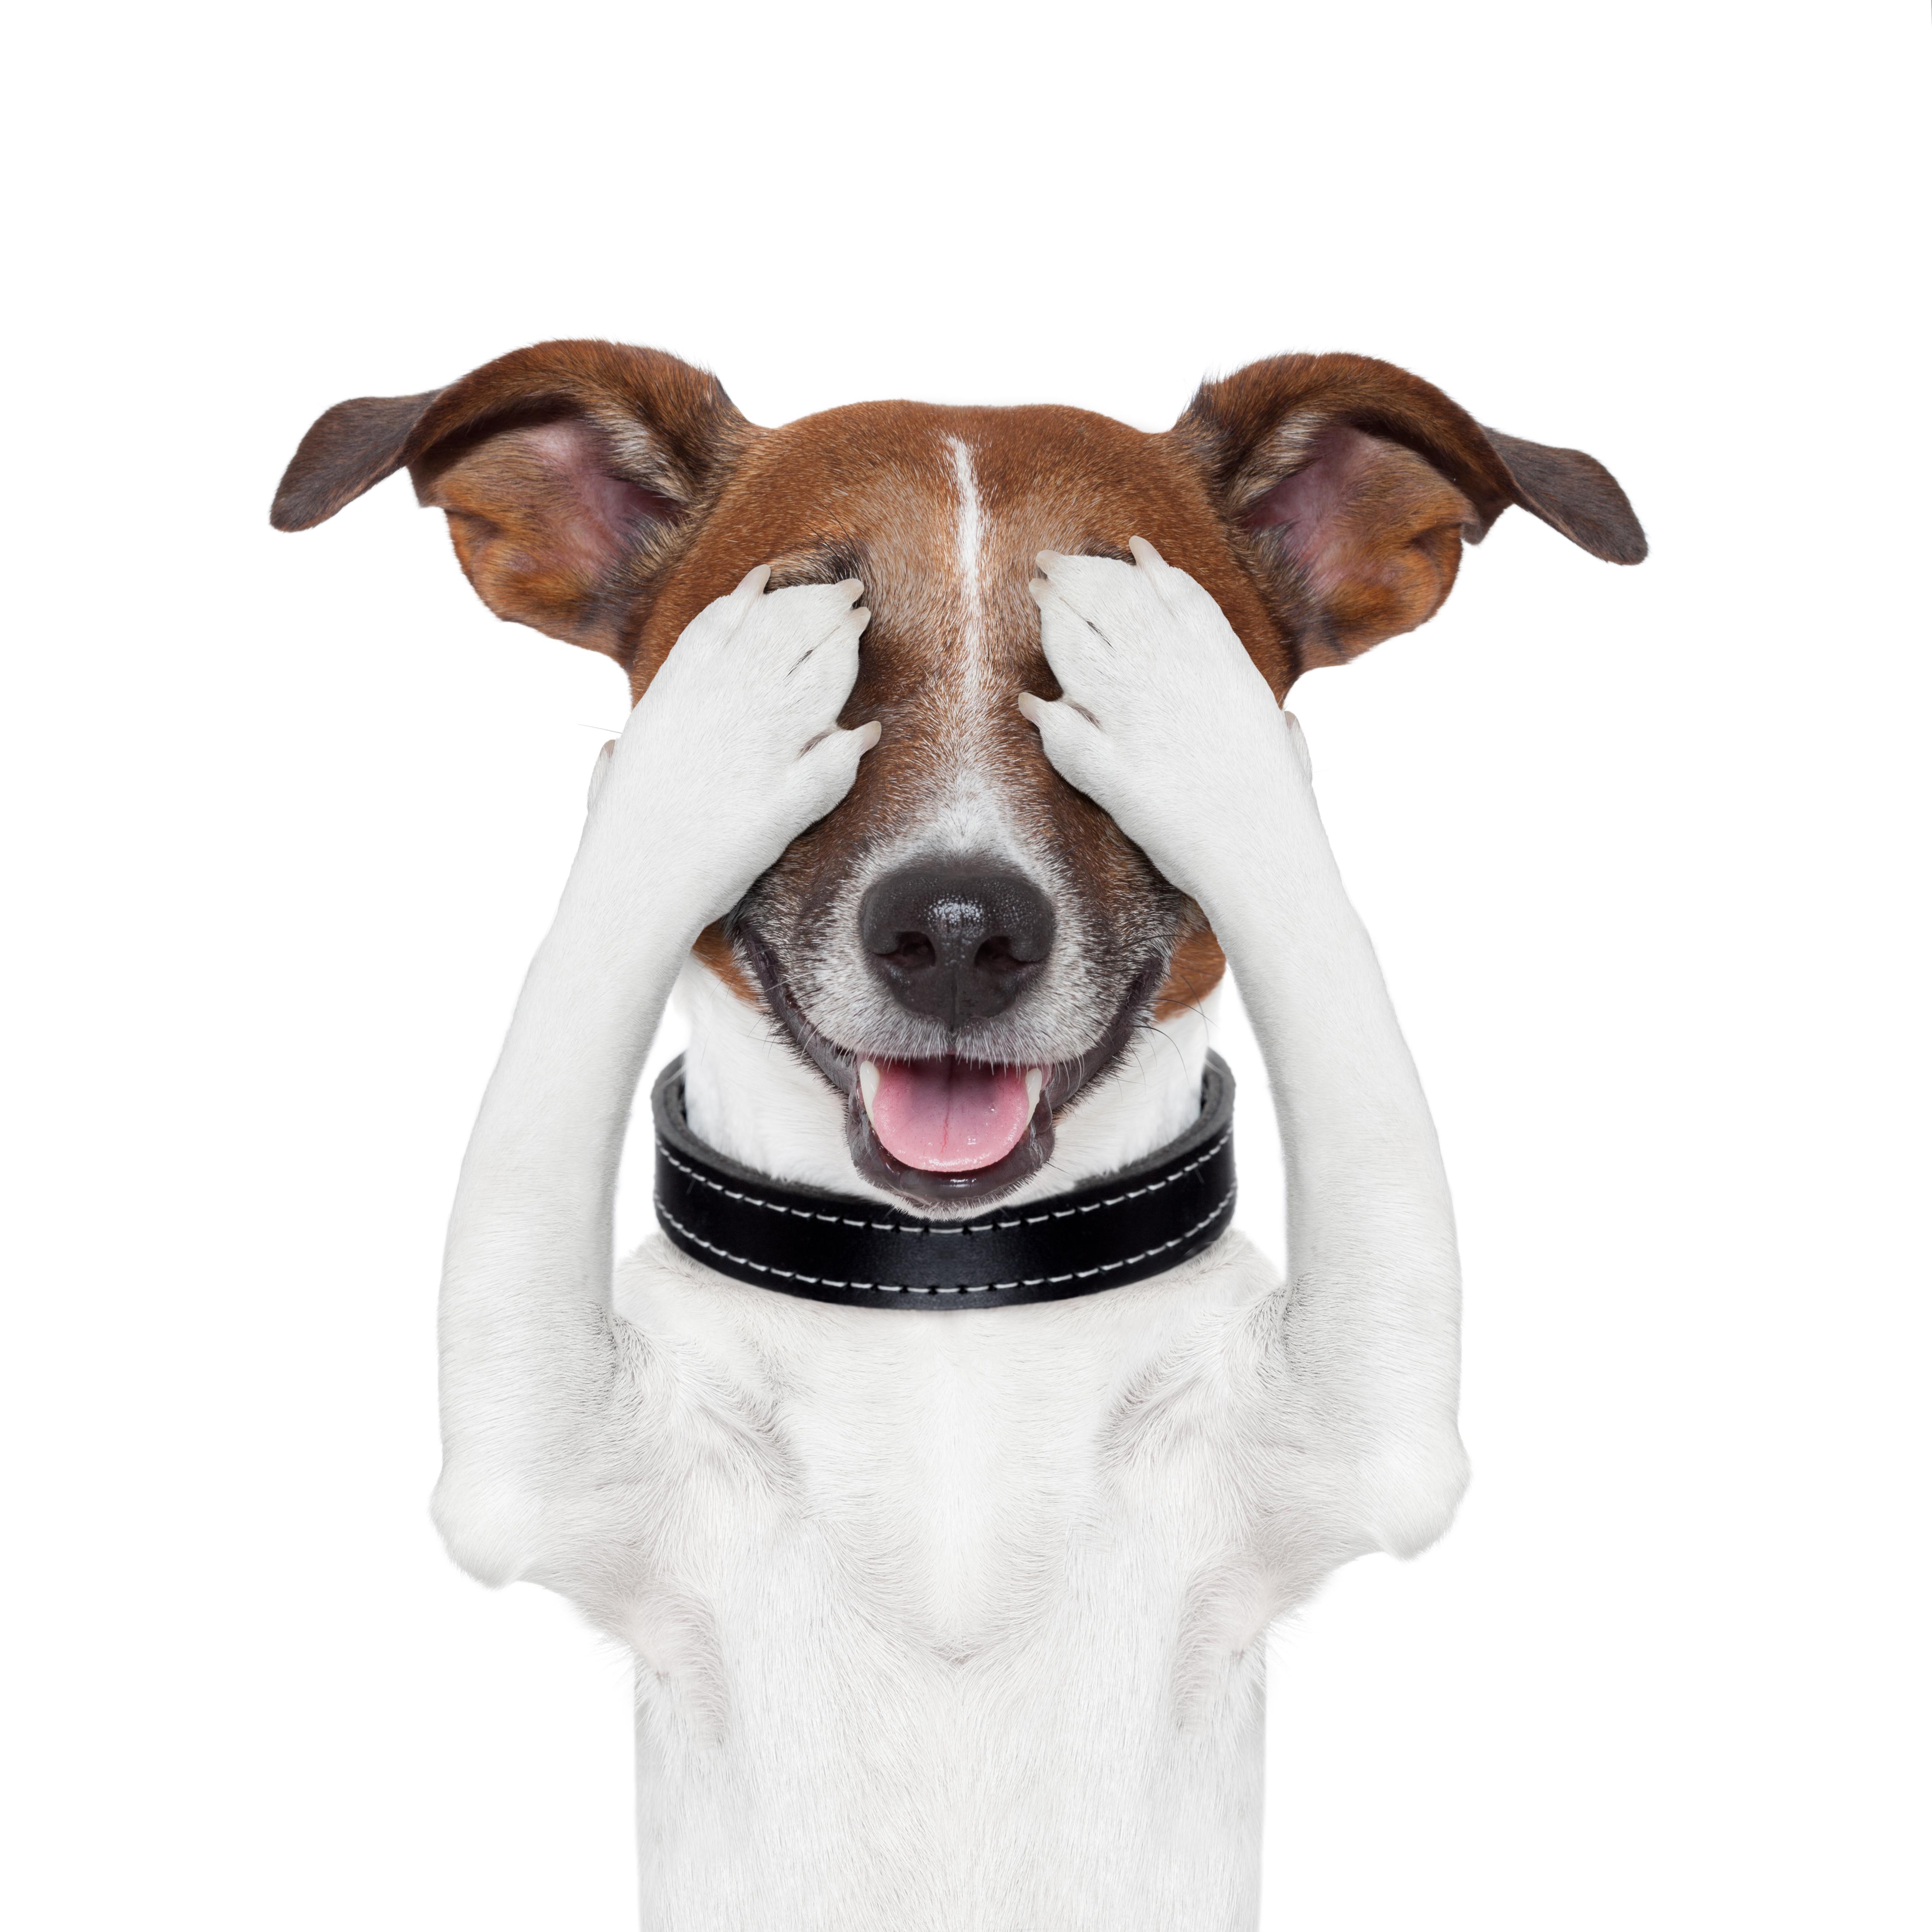 Adoptar a un cachorrito sordo y ciego: ¿y por qué no?